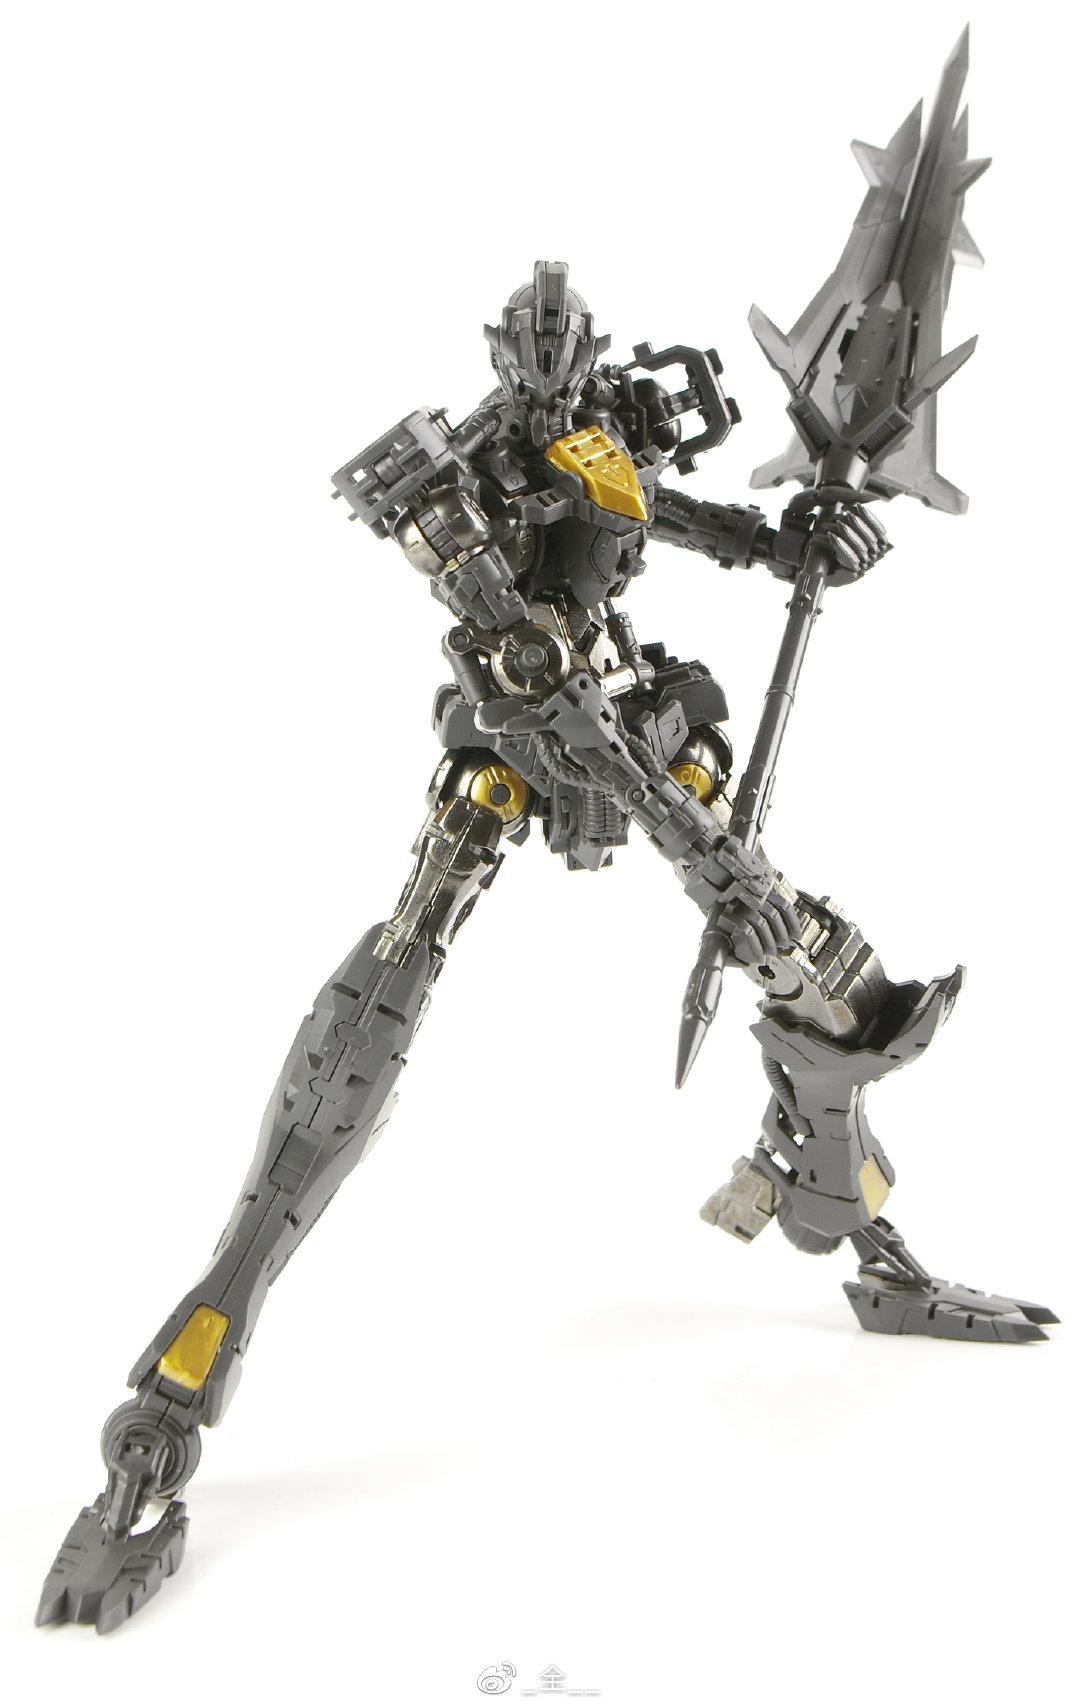 M103_mg_barbatos_metal_frame_parts_set_009_044.jpg